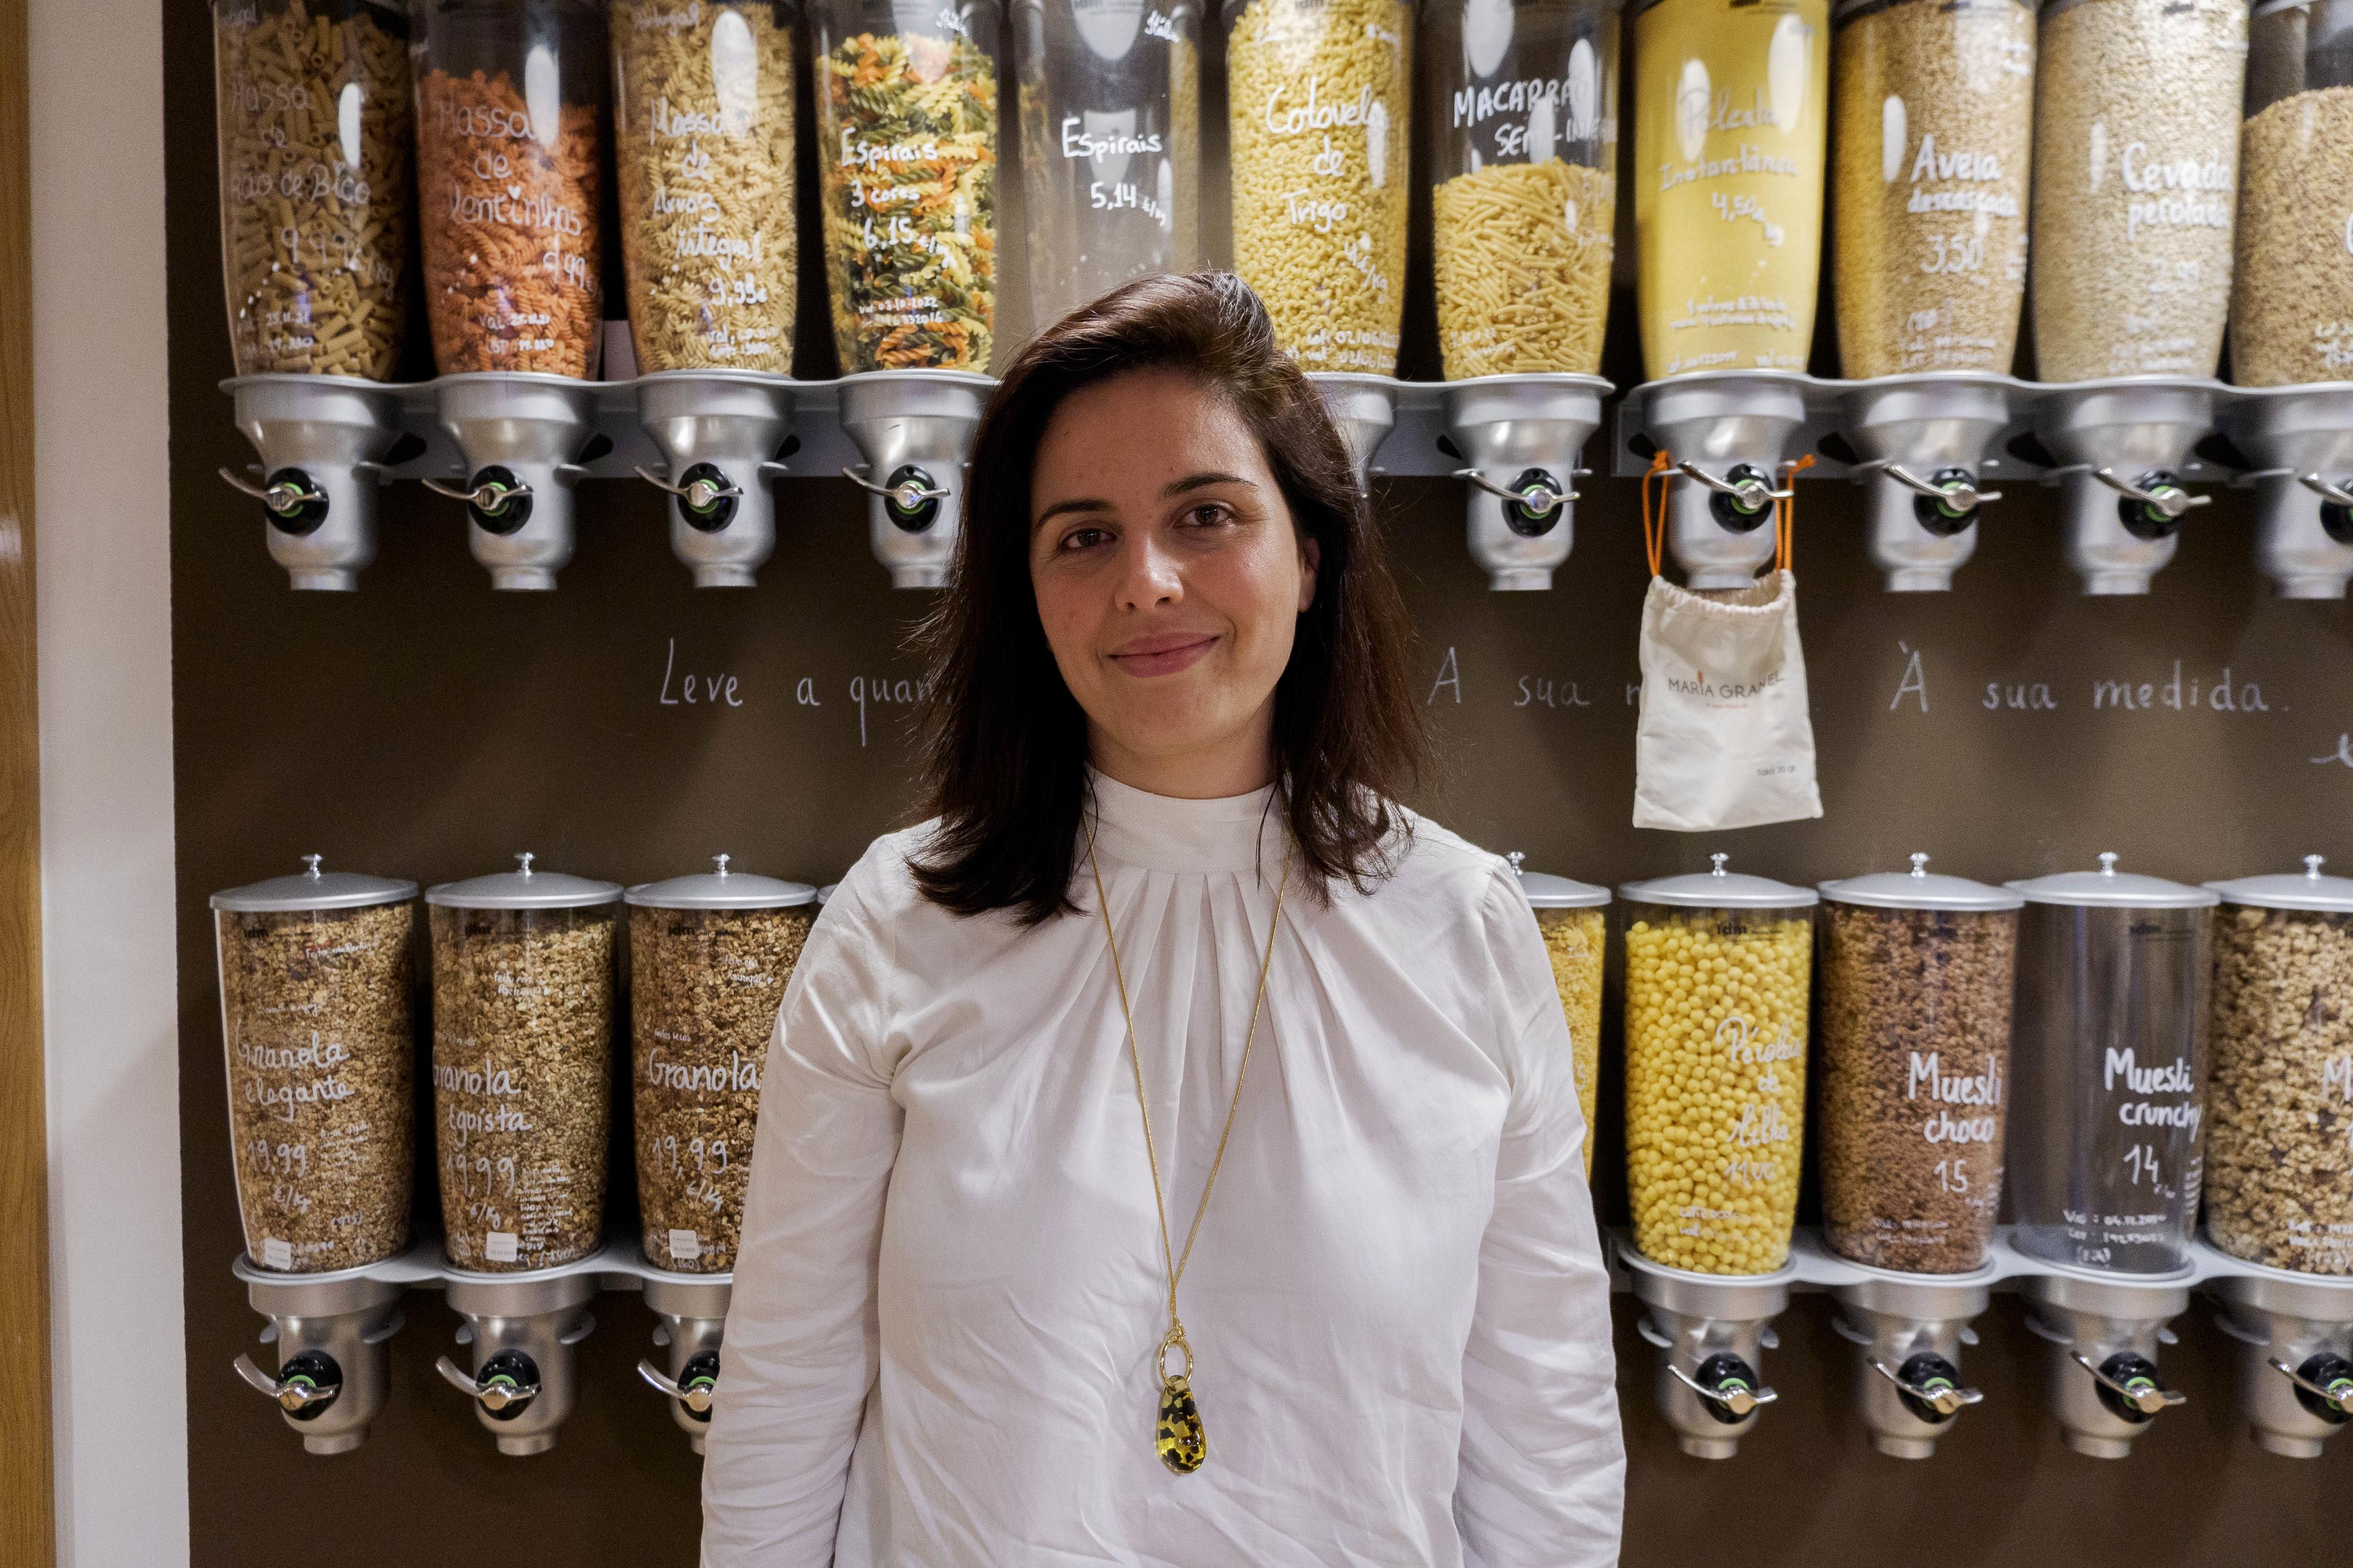 """Eunice Maia, criadora da Maria Granel: """"Tenho uma loja, mas não incentivo ao consumo"""""""